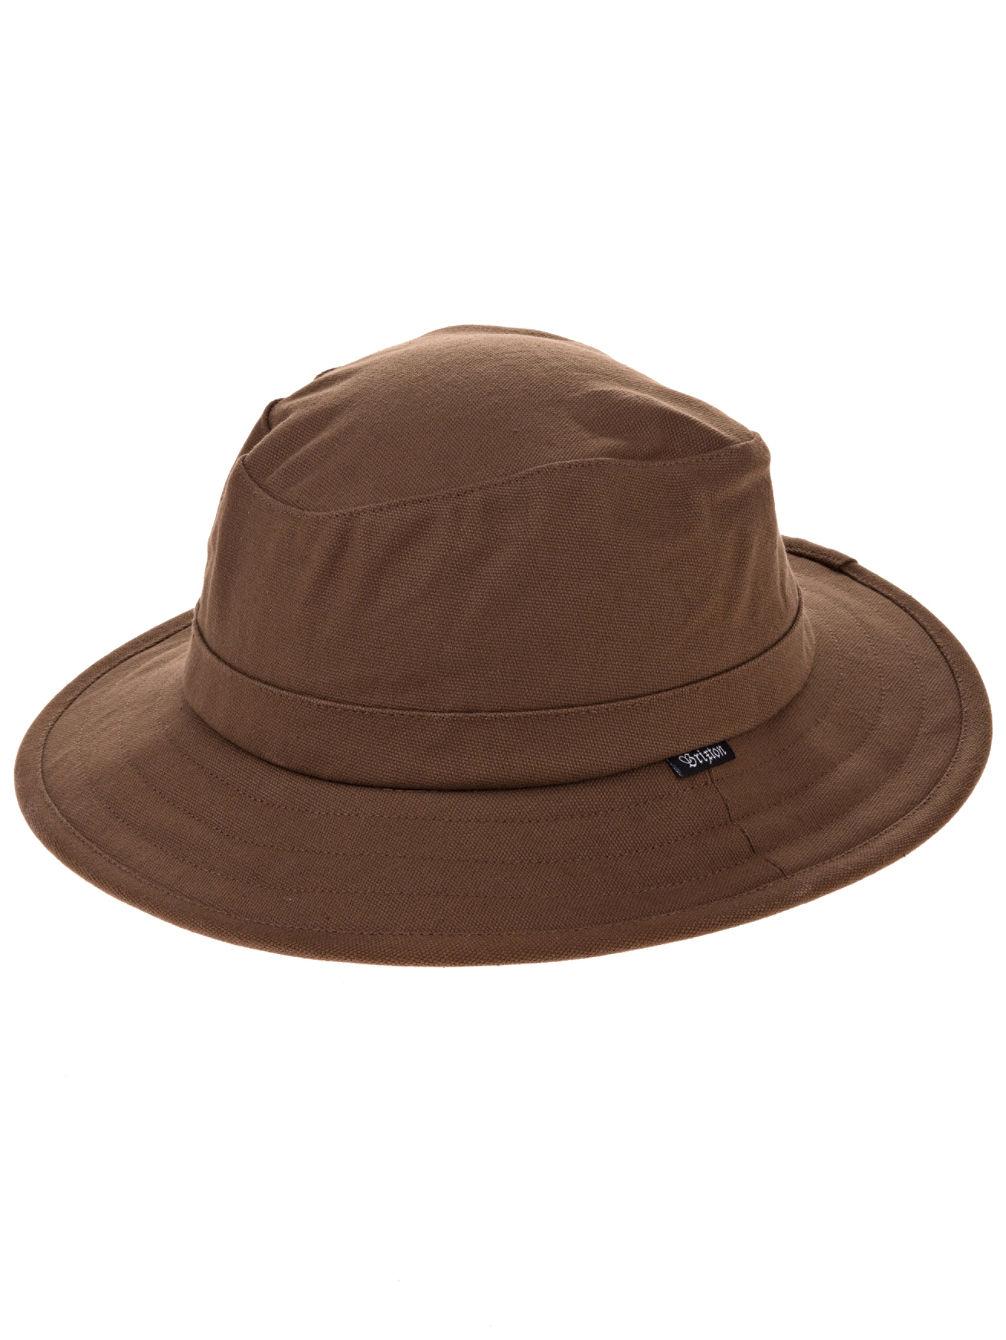 tracker-bucket-hat